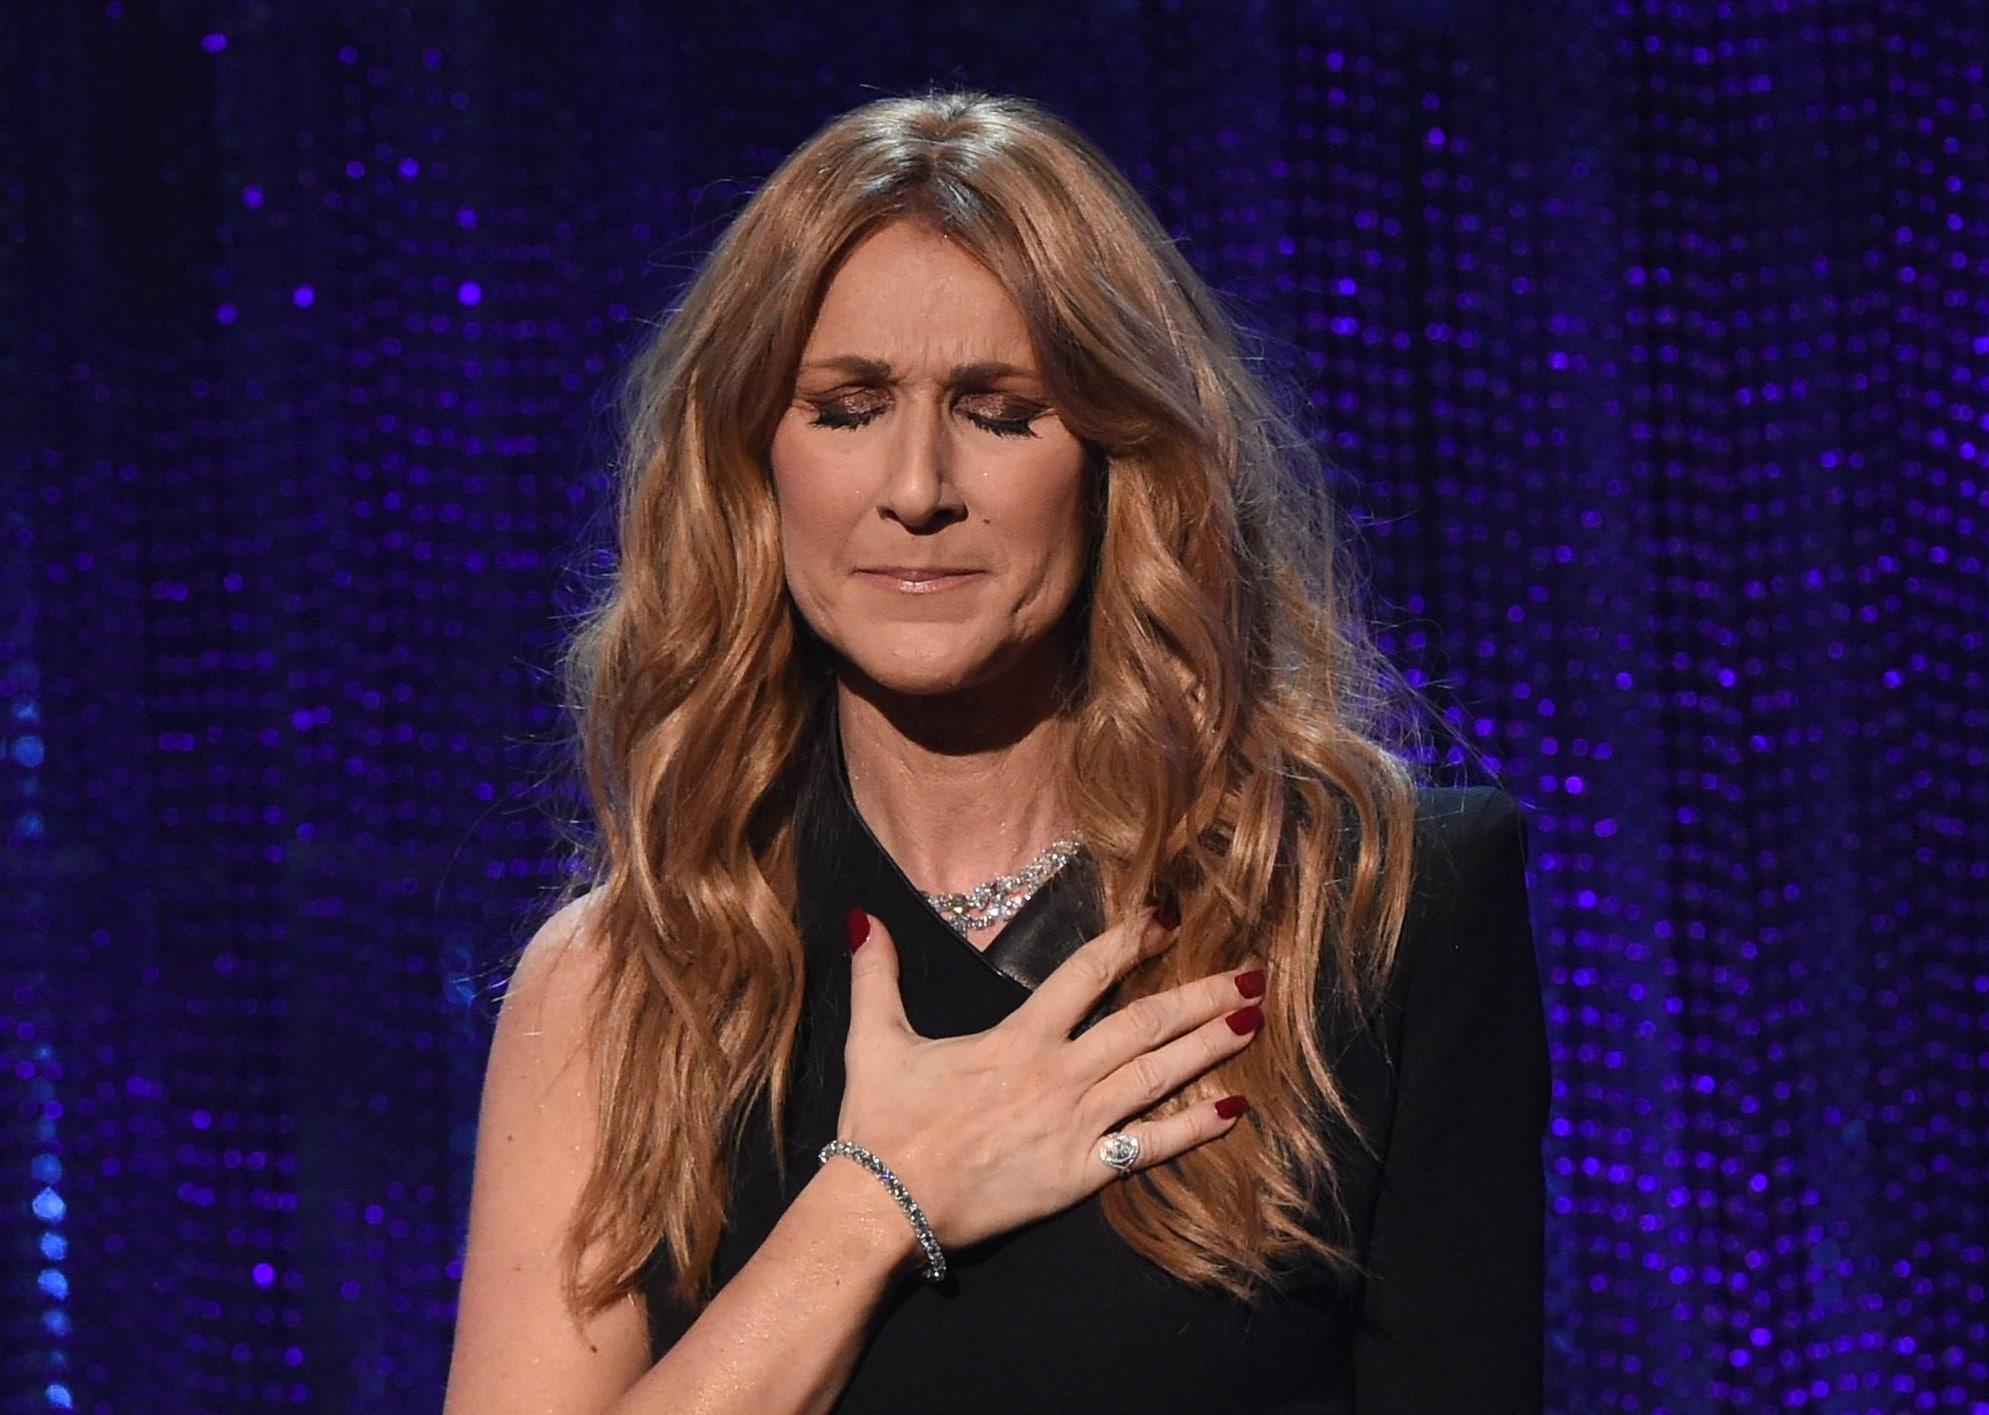 La star Céline Dion pleure Jim Steinman. Le génie de la musique est mort.